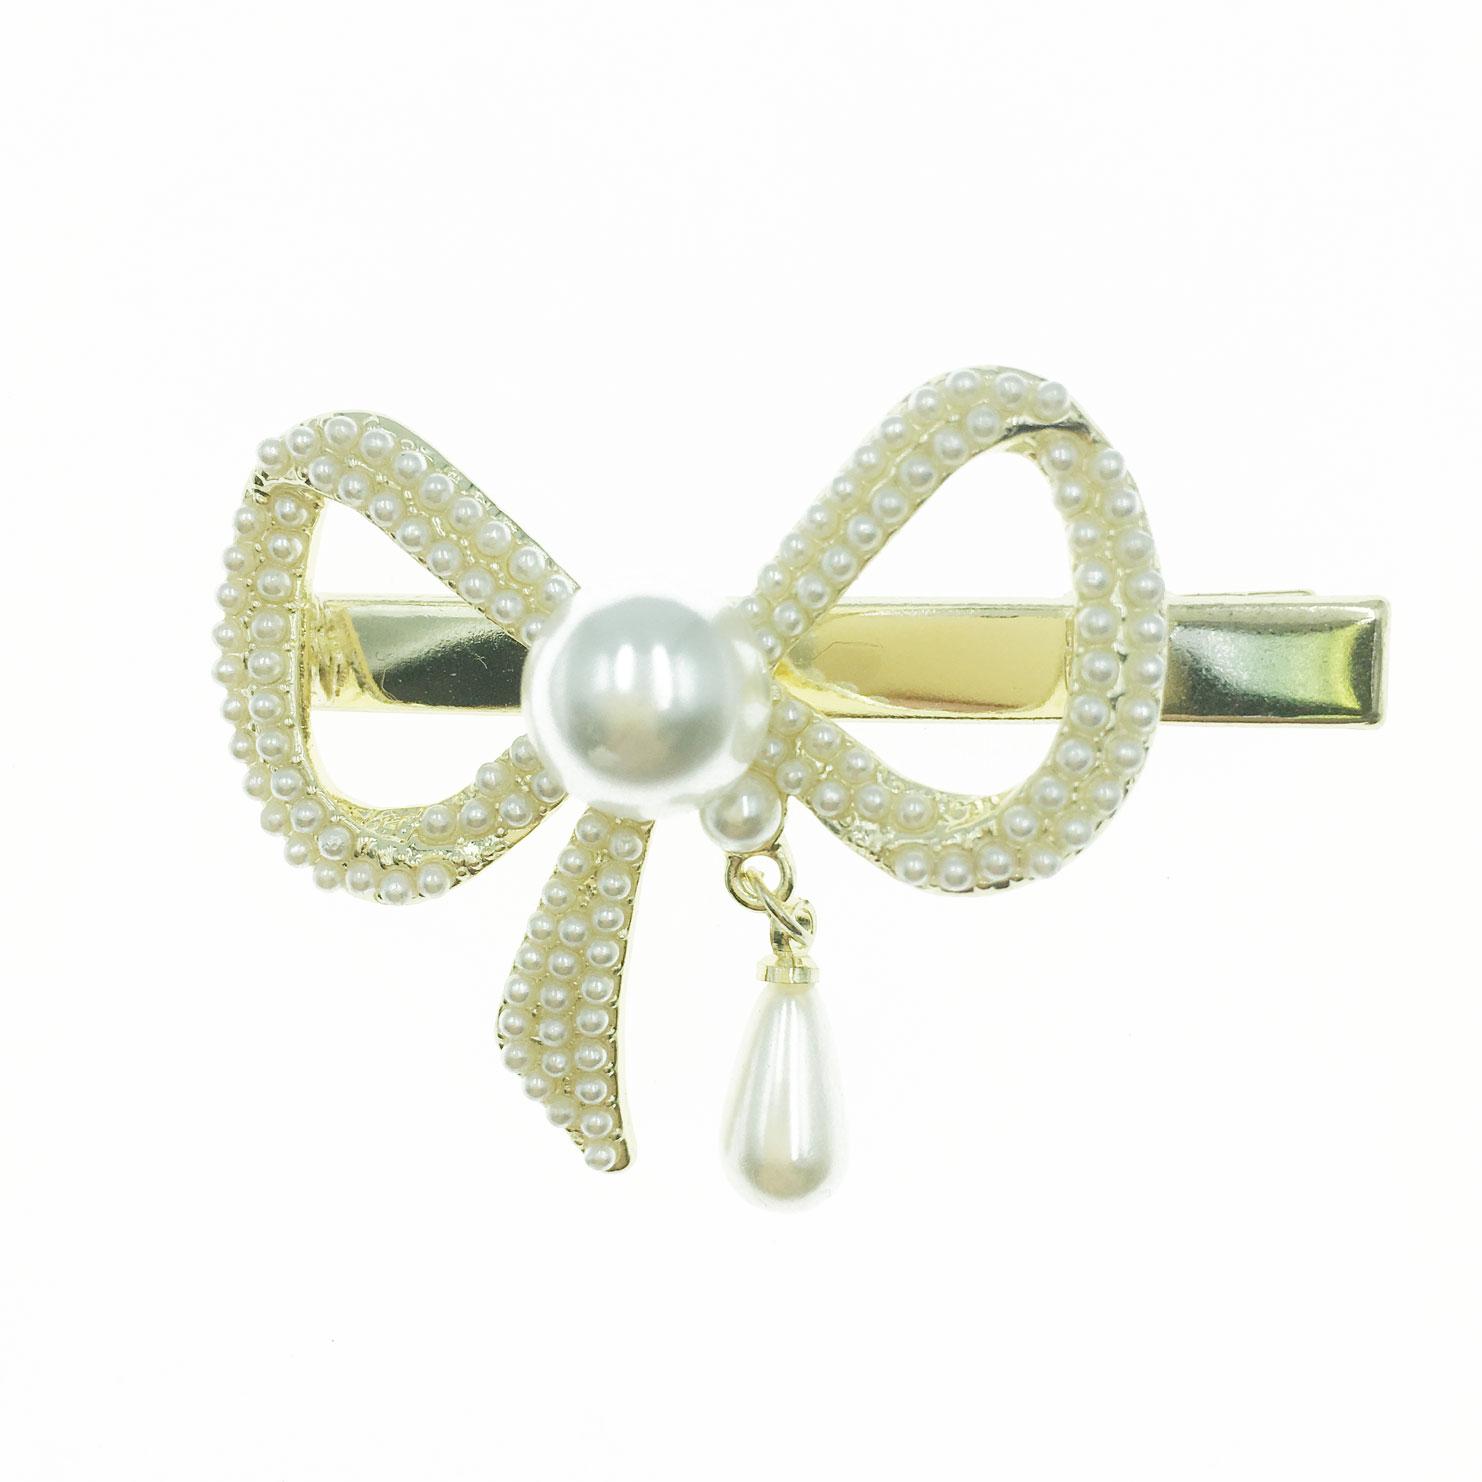 韓國 簍空 蝴蝶結 垂墜 珍珠 造型 壓夾 髮飾